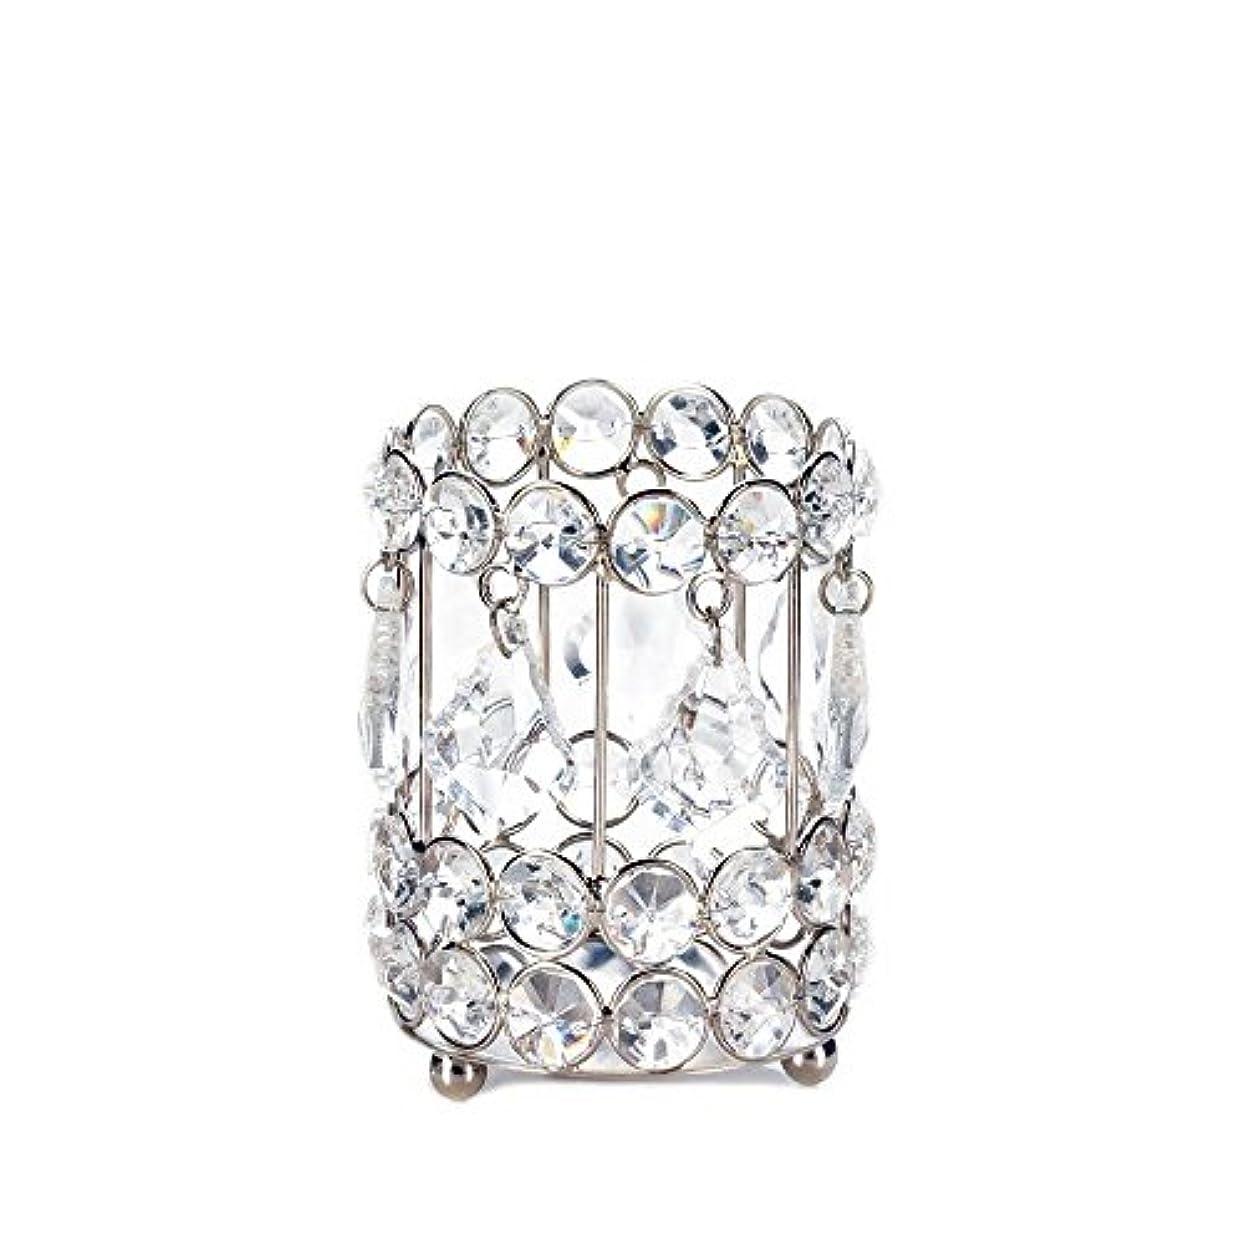 代名詞関数なしでGallery of Light 10018136 Super Bling Crystal Drops Candle Holder - 4 in.